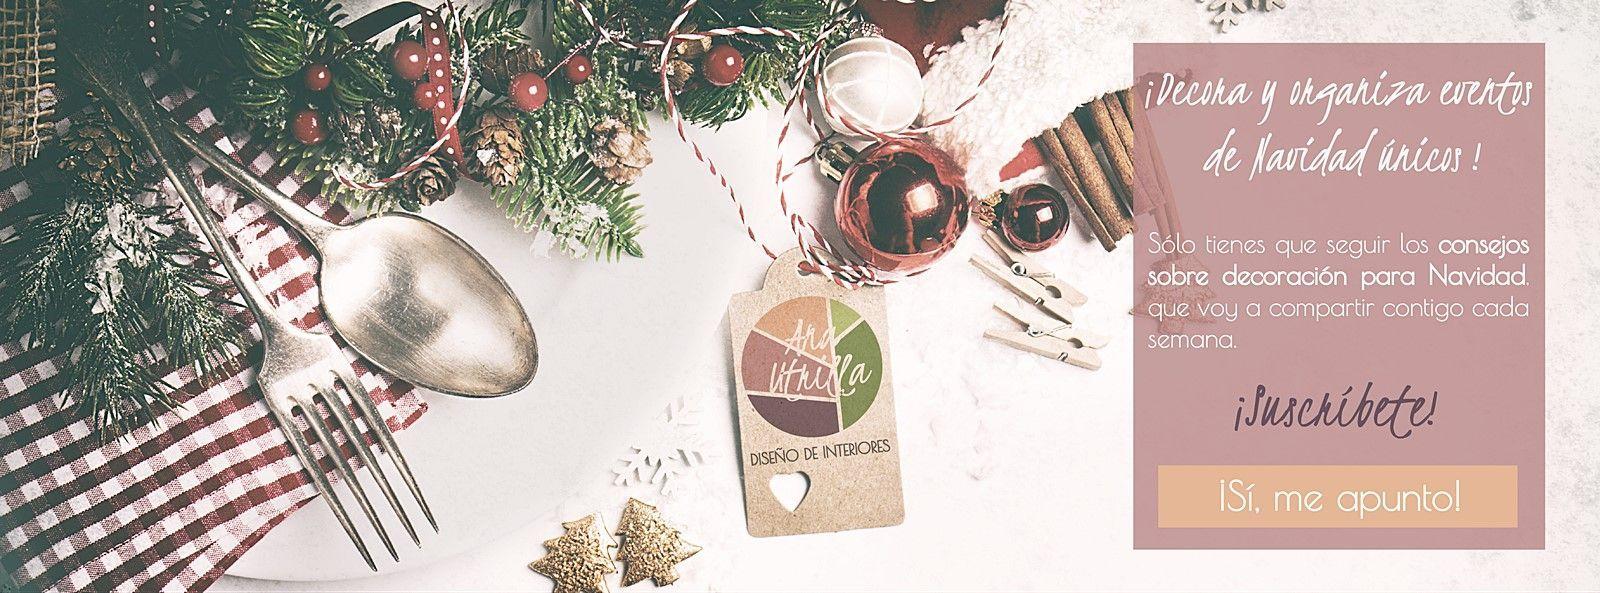 ¡Suscríbete! Y recibe consejos cada semana para una decoración genuina de navidad